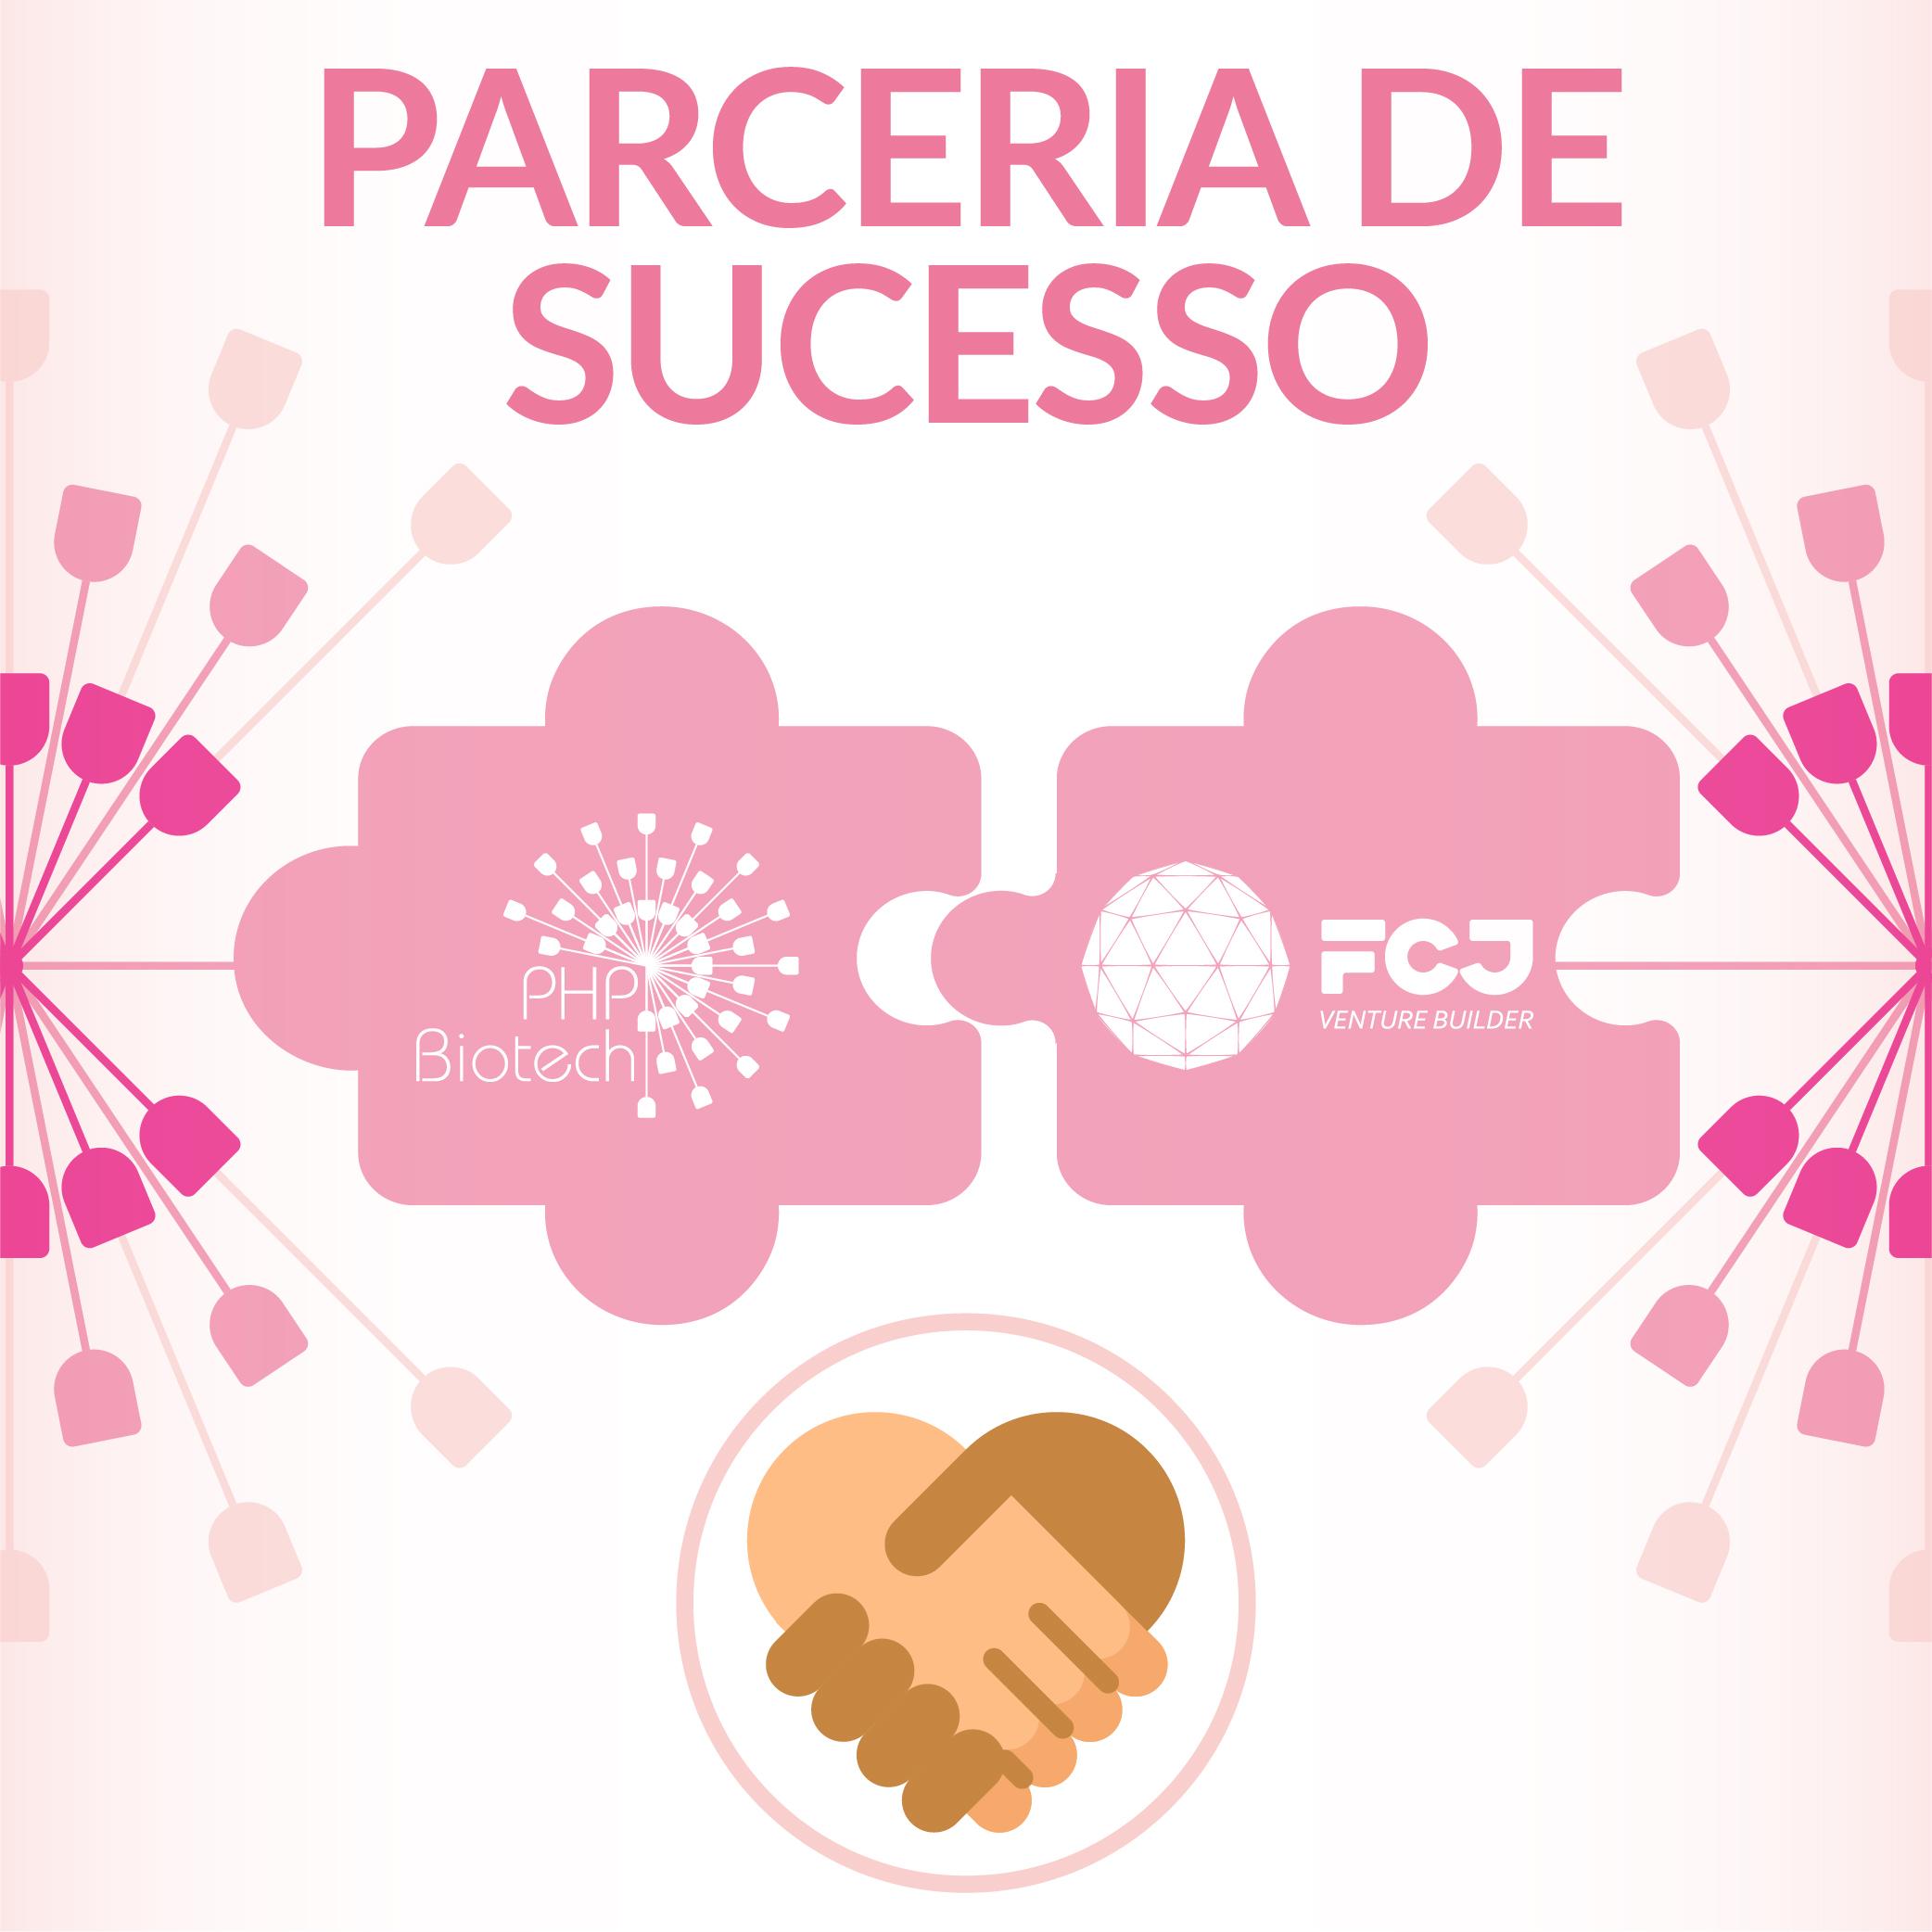 Nova startup brasileira é fundada com parte dos recursos oriundos de um grupo de mulheres empreendedoras que investem em tratamento oncológico inovador